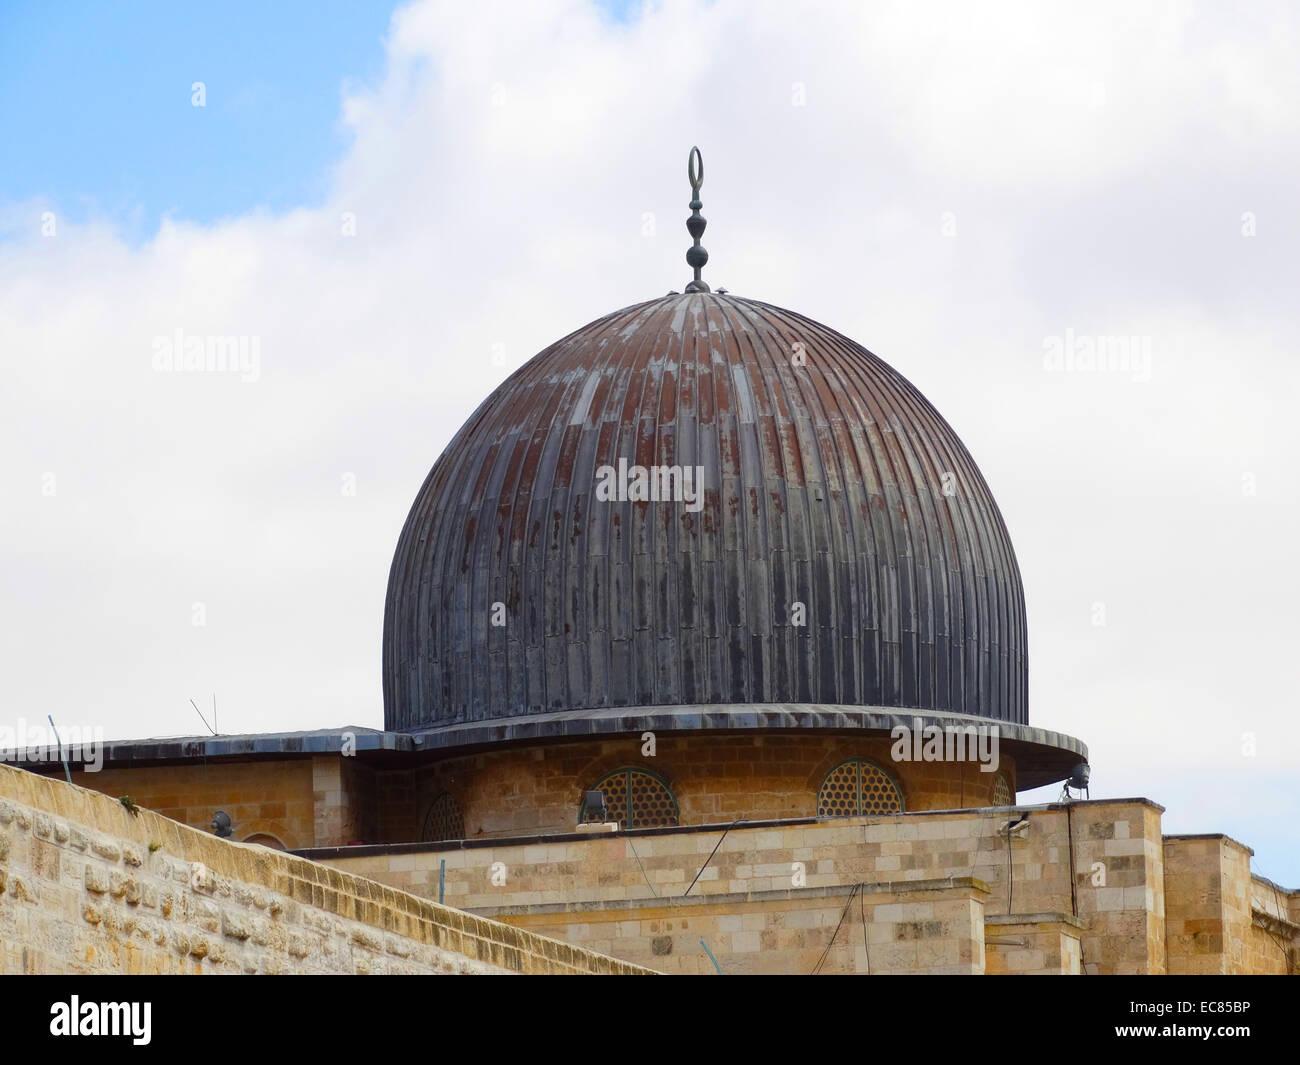 La Moschea di Al-Aqsa; il terzo sito più sacro dell'Islam; si trova nella città vecchia di Gerusalemme. Immagini Stock